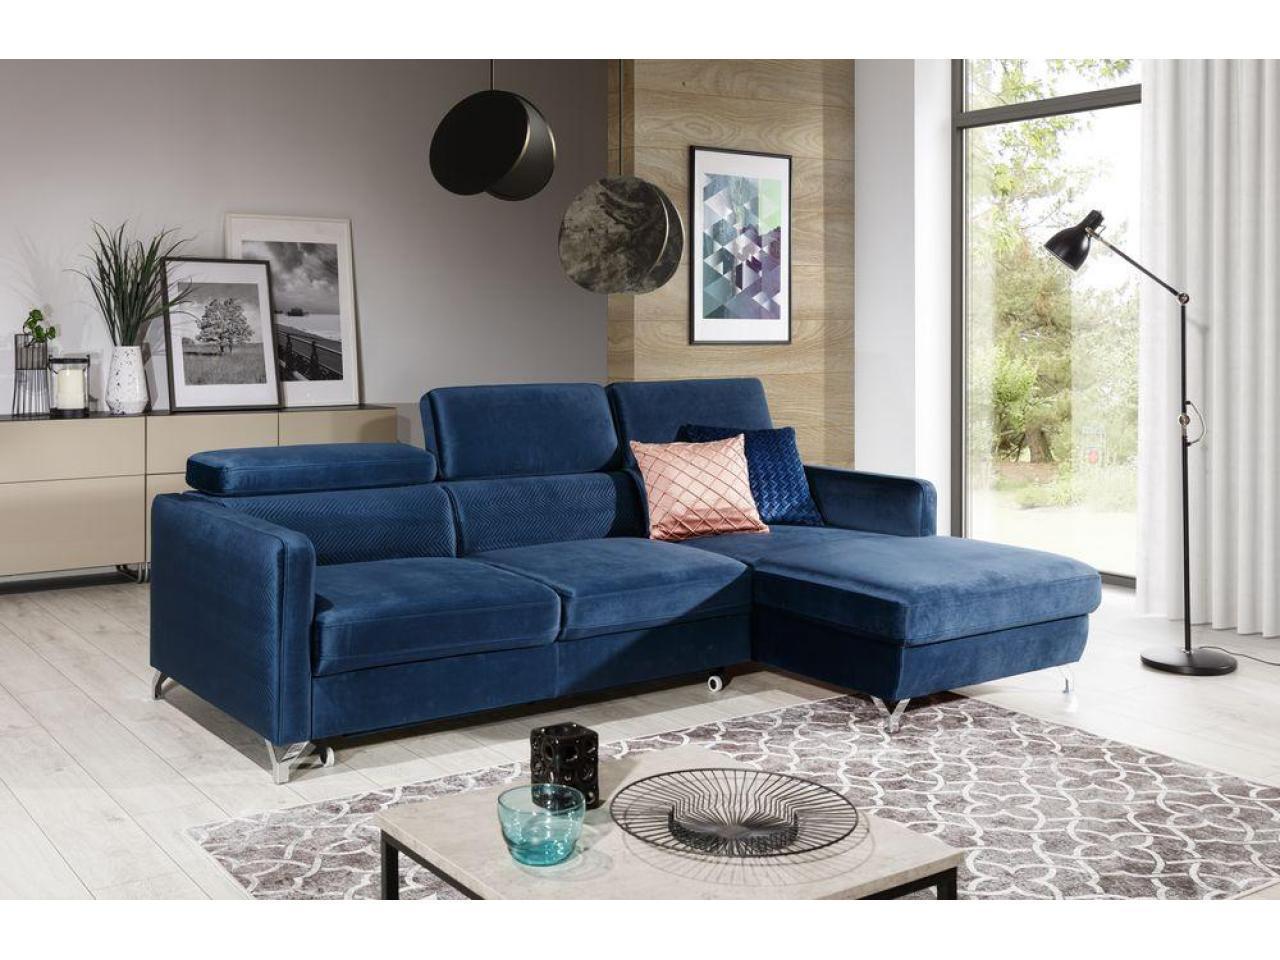 Furnipol-Польская мебель для дома с доставкой - 5